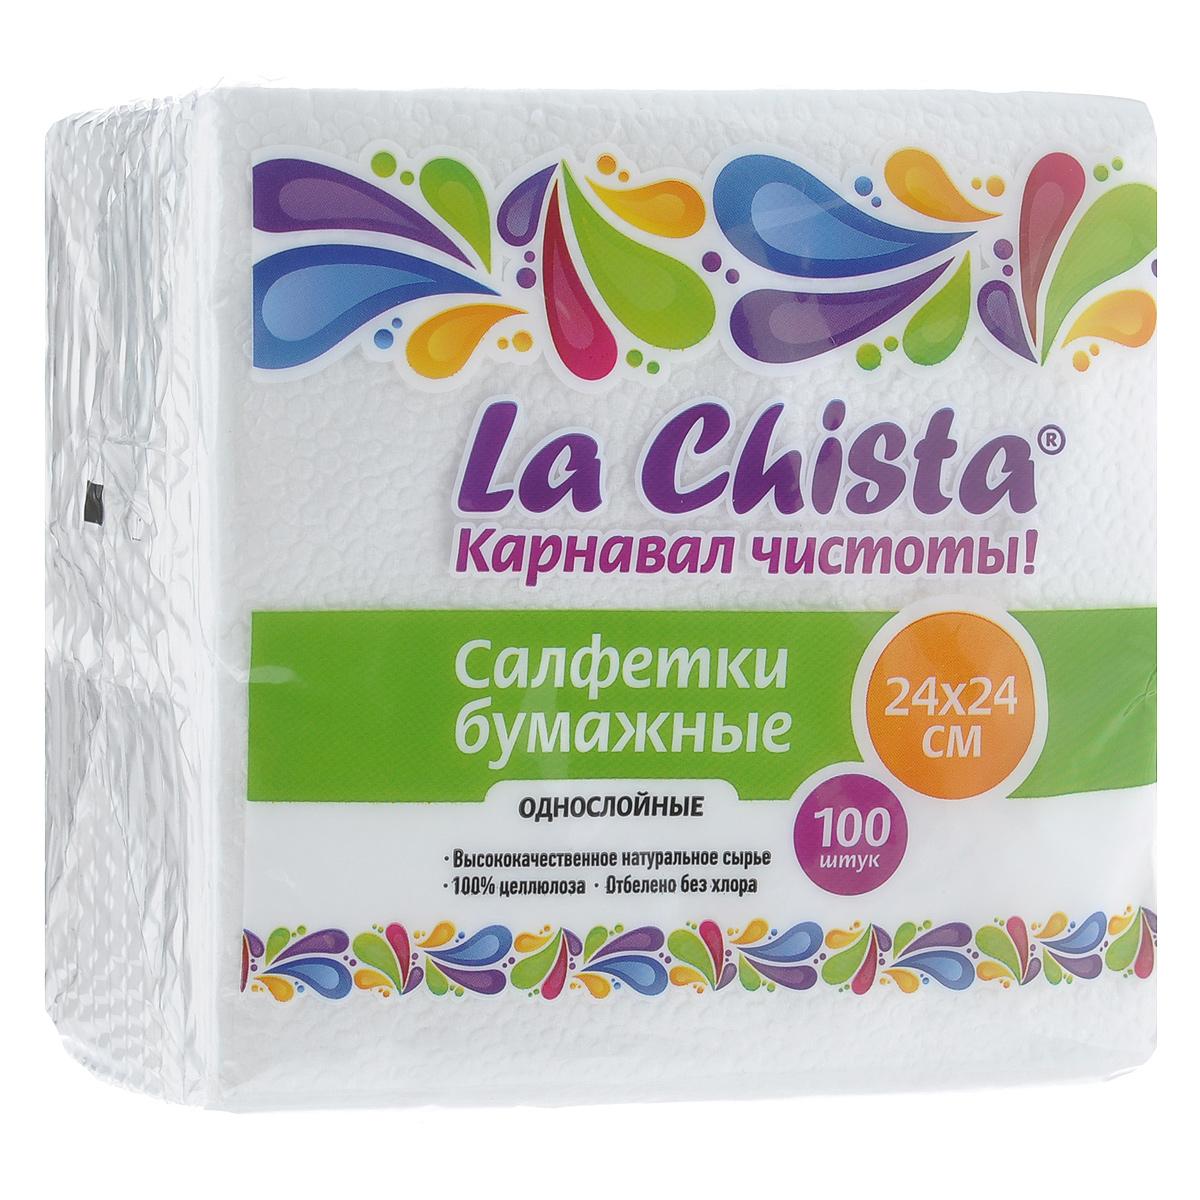 """Салфетки бумажные сервировочные La Chista Салфетки бумажные """"La Chista"""", однослойные, 100 шт"""